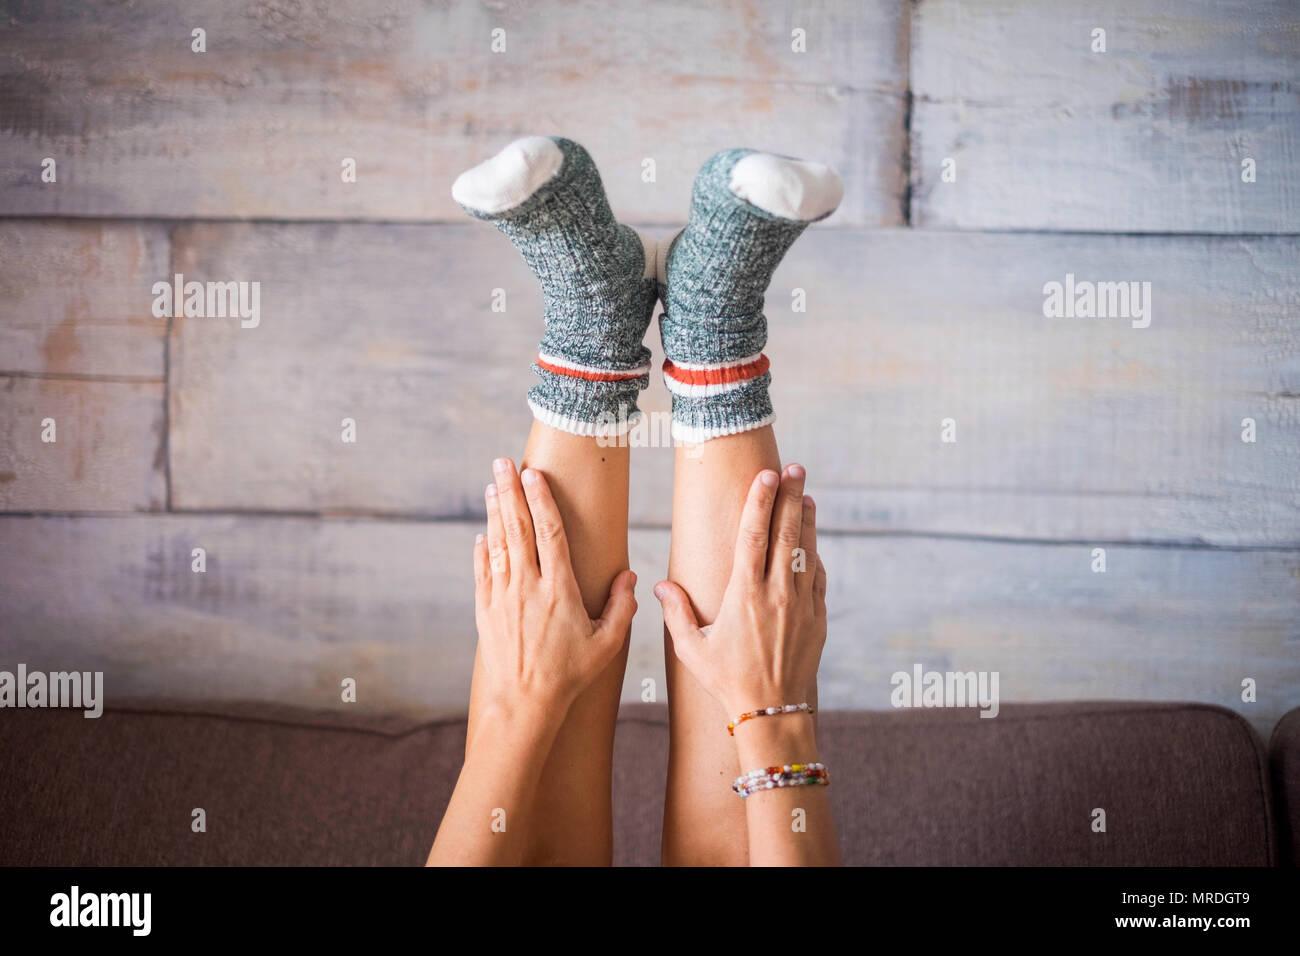 Au milieu composition avec belle femme baisse les jambes avec drôle et chaussettes de couleur prises par les mains. d'autres la joie de vie et concept pour en Photo Stock